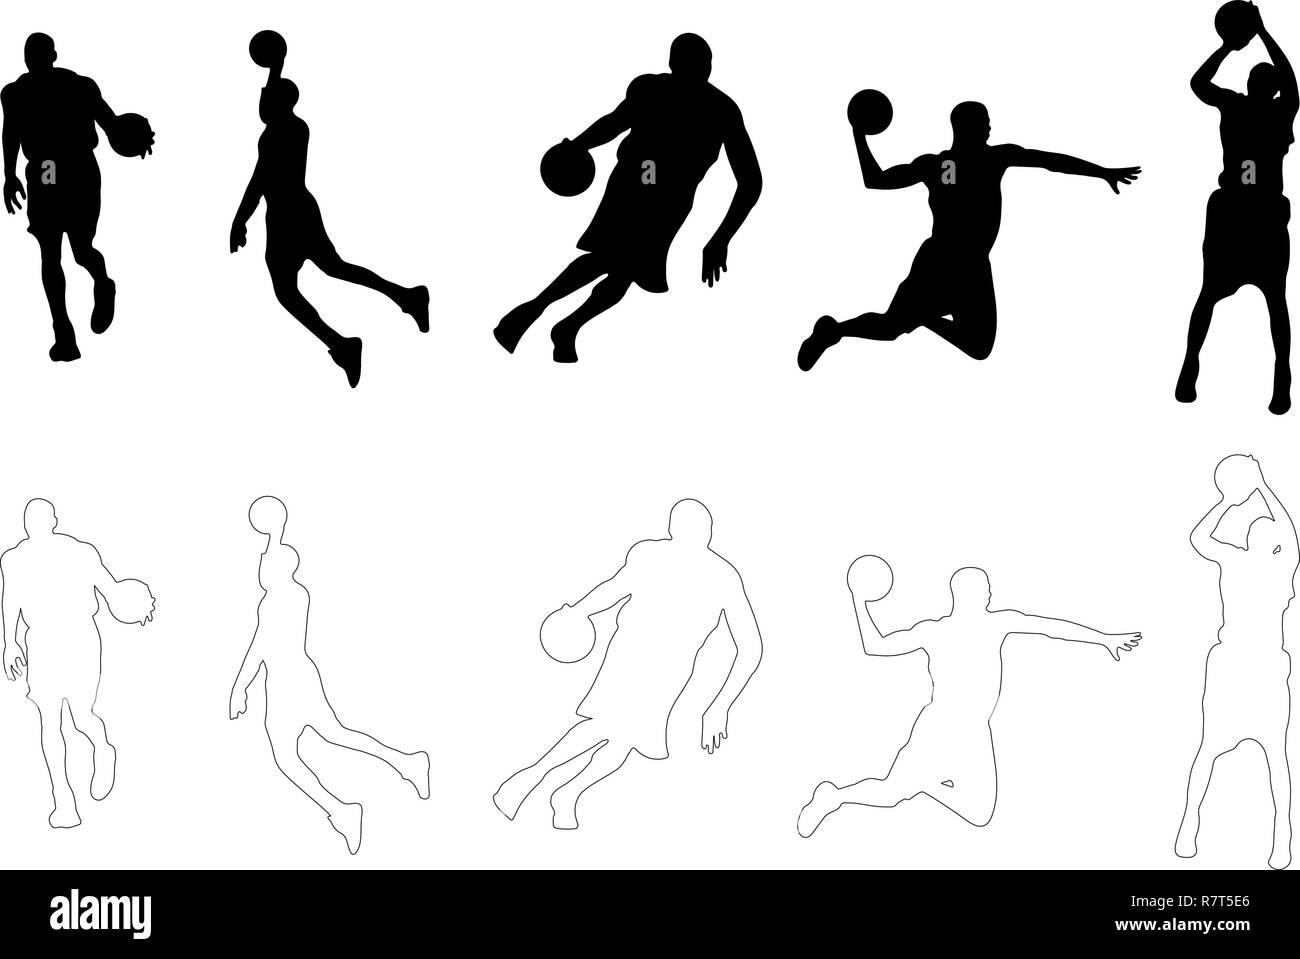 Silhouettes vecteur Contour joueur de basket-ball Photo Stock